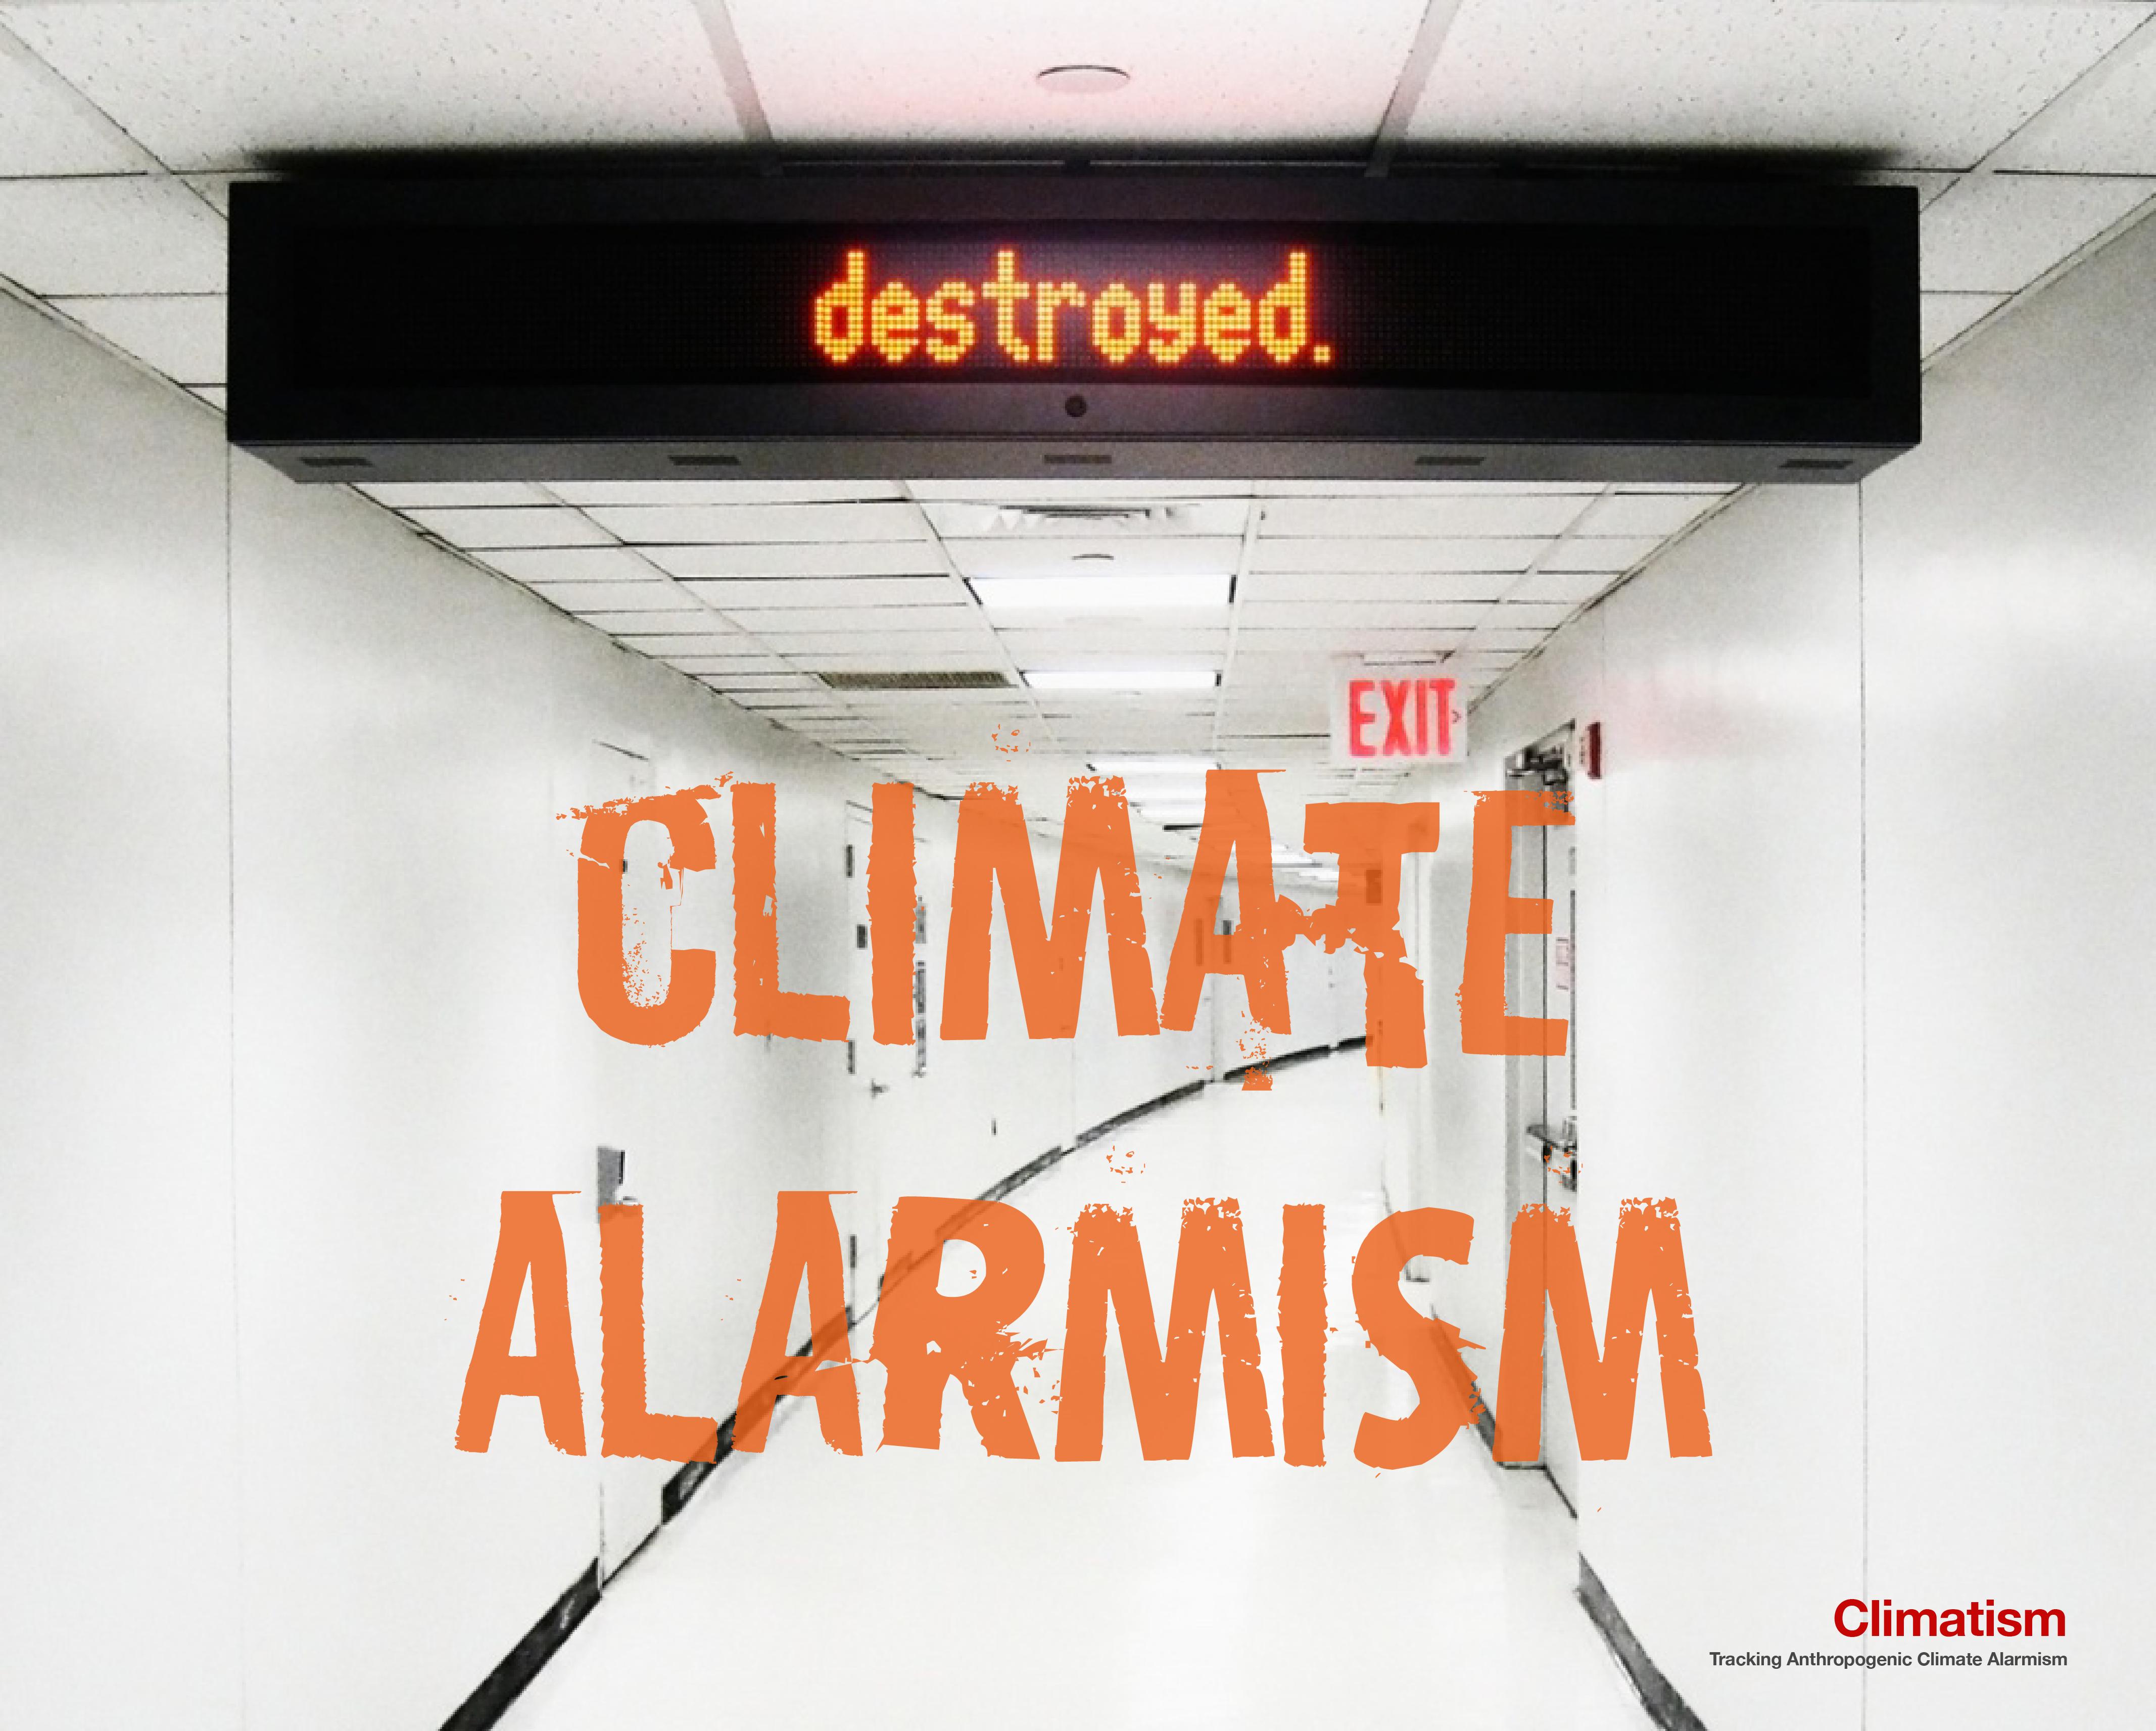 CLIMATE Alarmism Destroyed - CLIMATISM